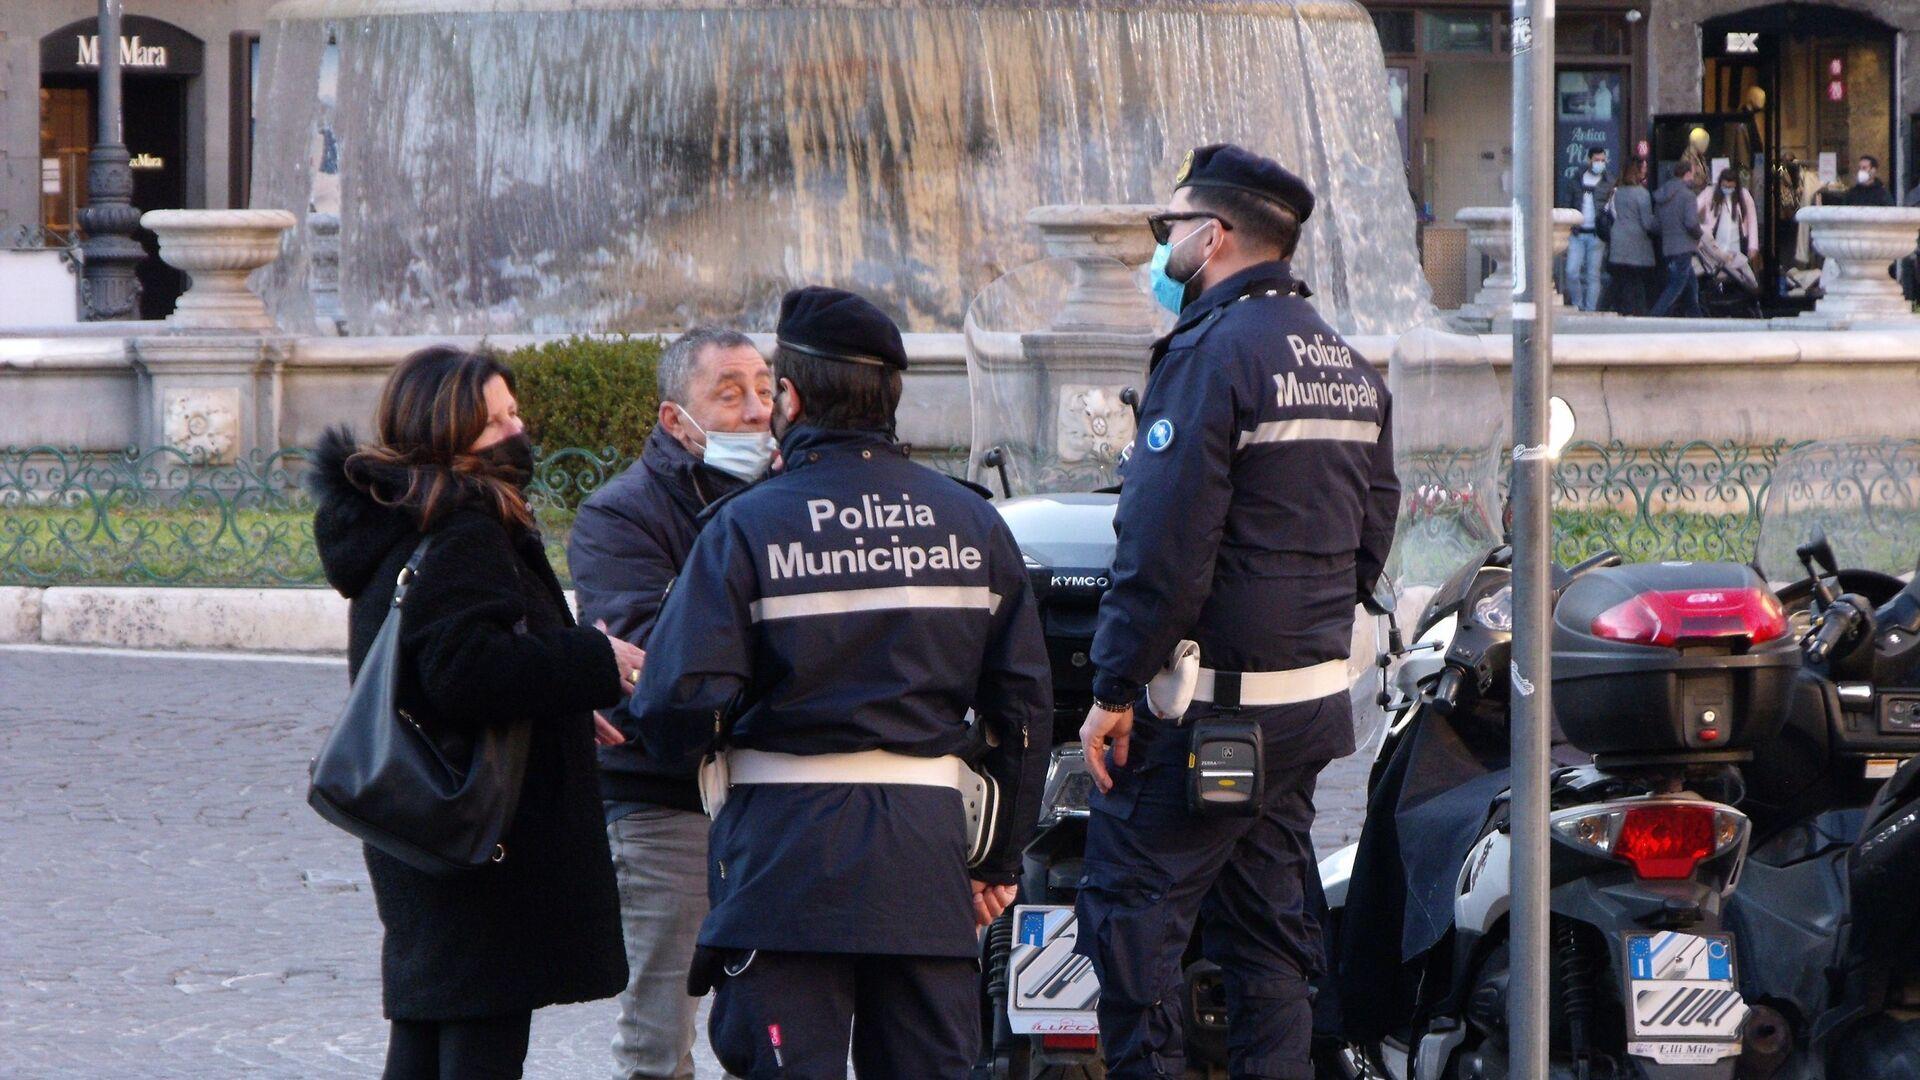 Polizia municipale di Napoli conversa con cittadini  - Sputnik Italia, 1920, 29.05.2021